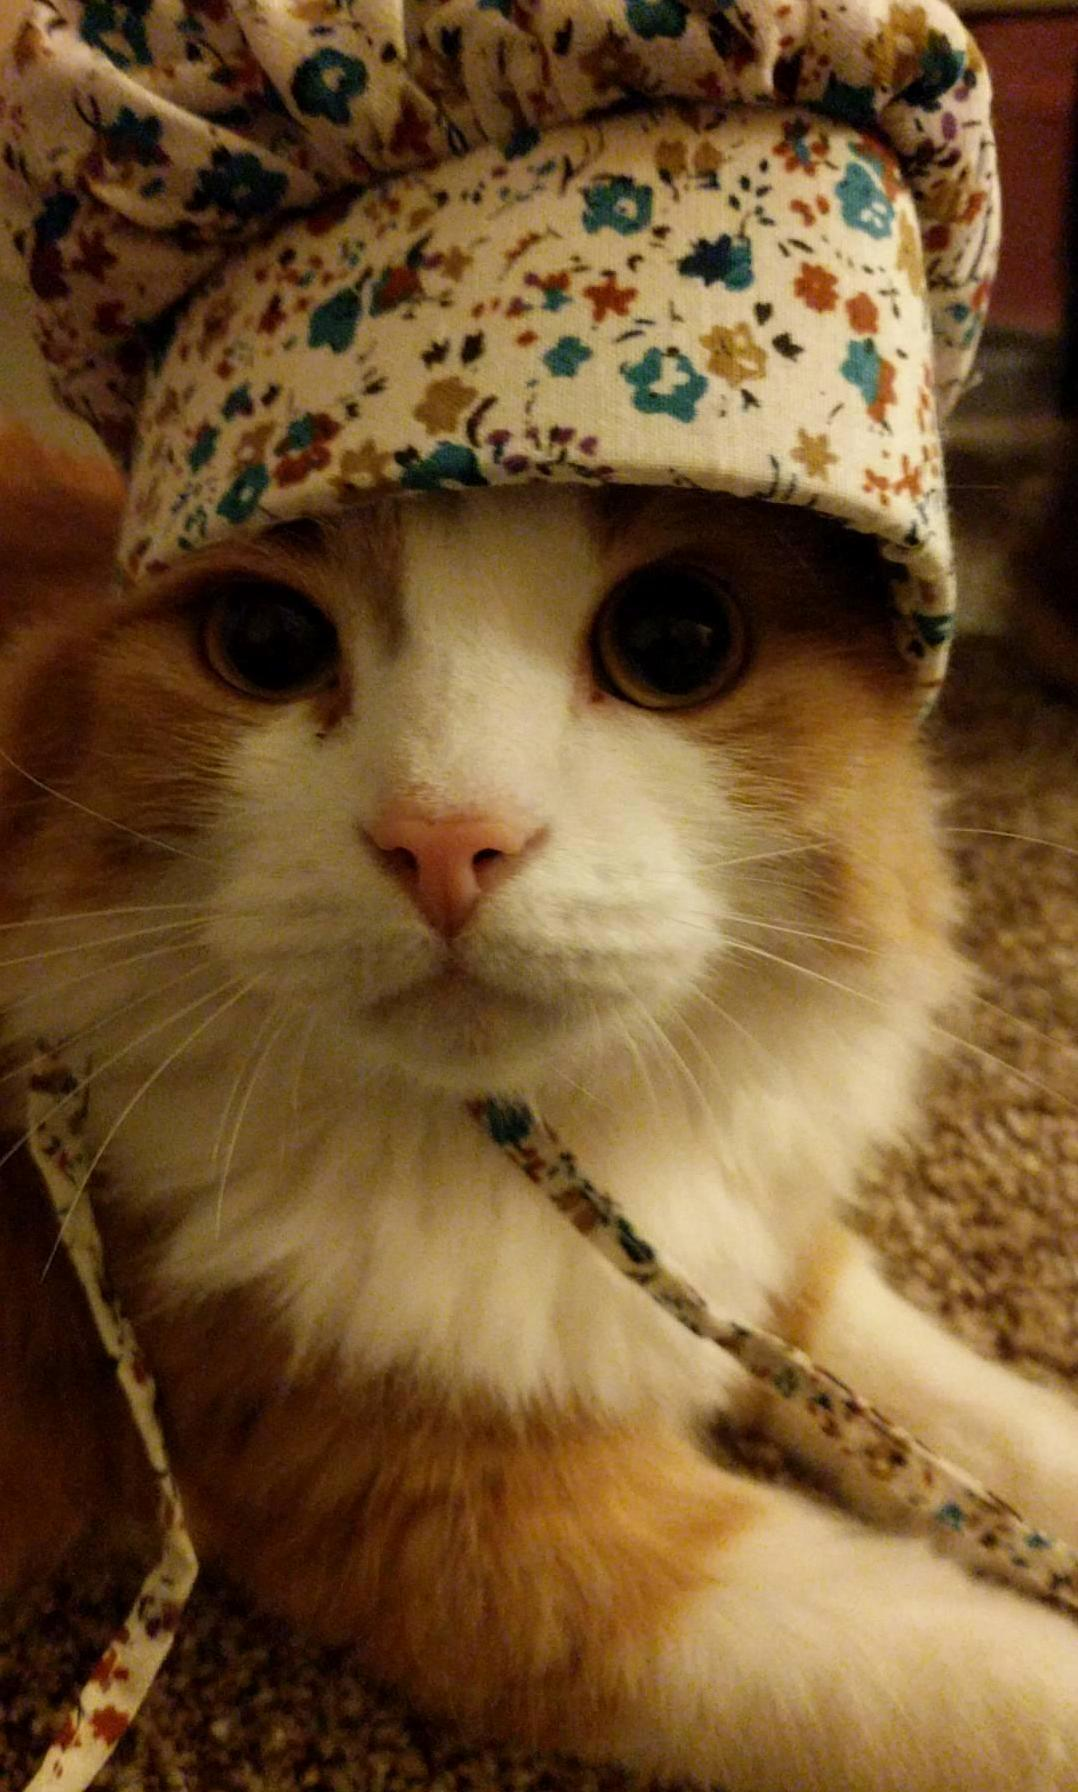 Bashi in a bonnet.